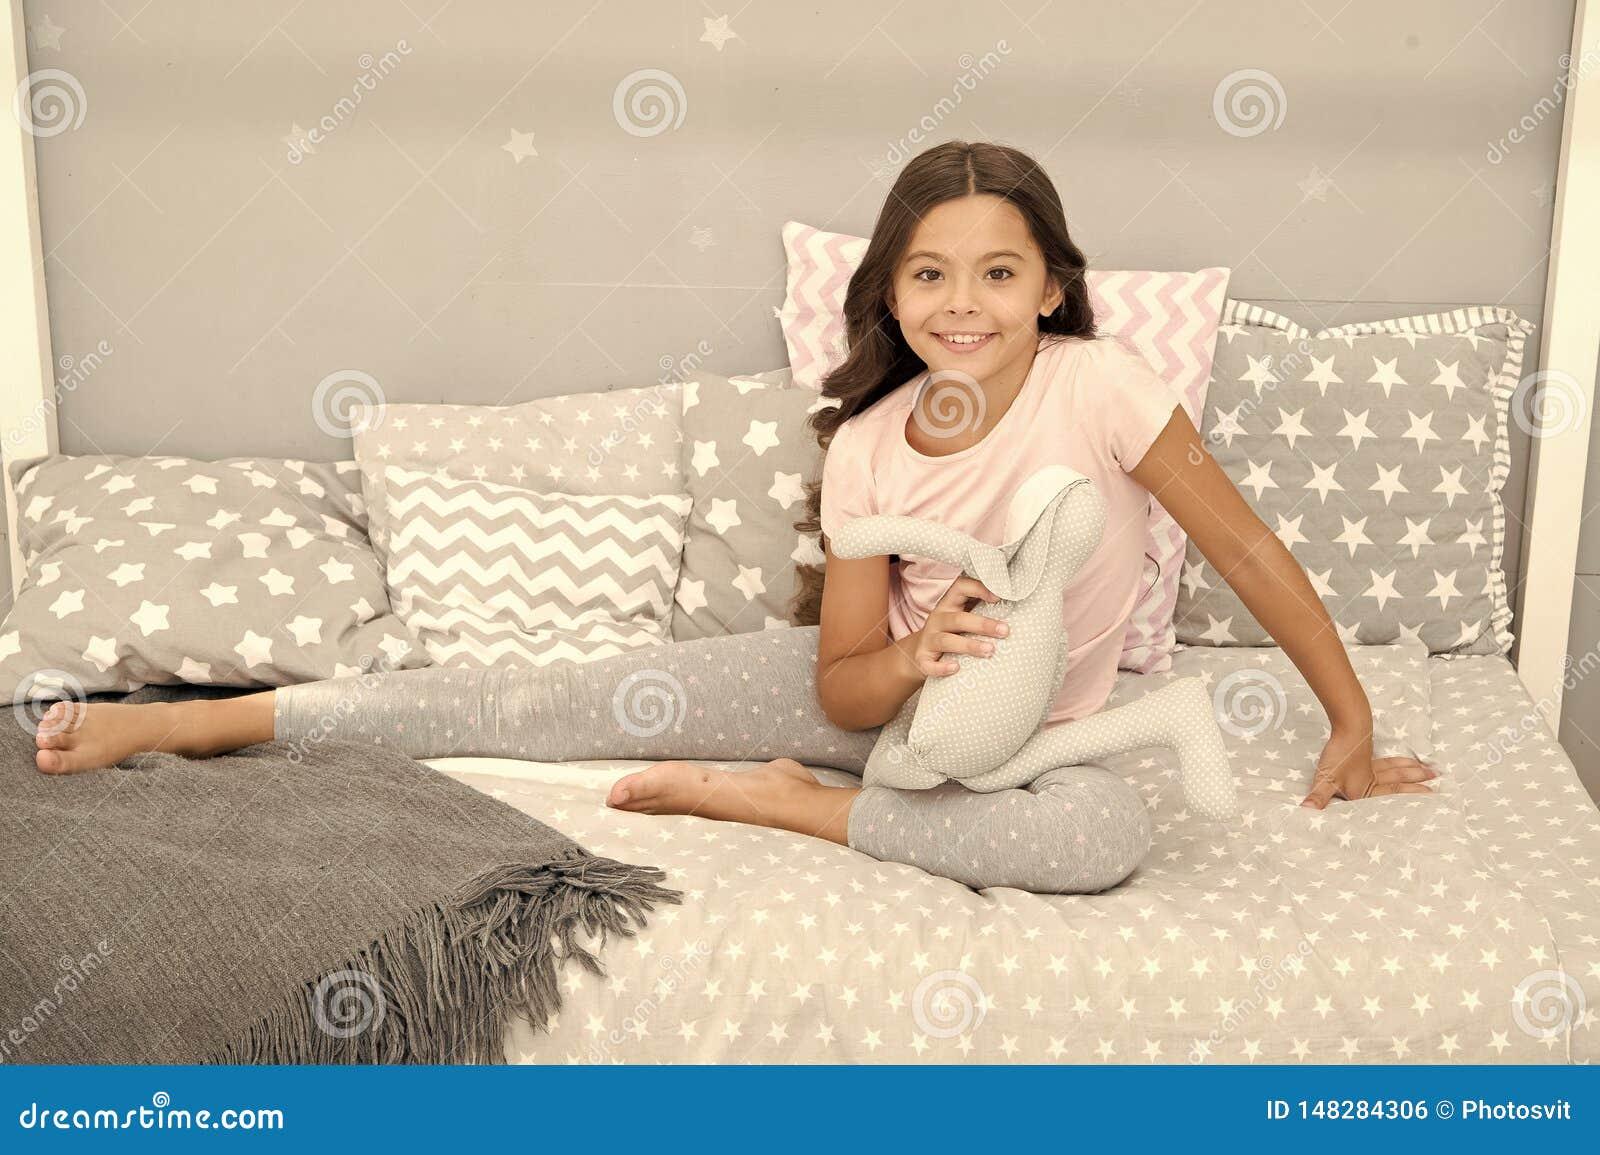 女孩长的卷发喜欢平衡与喜爱的玩具的时间 孩子坐床和戏剧兔宝宝玩具现代卧室内部